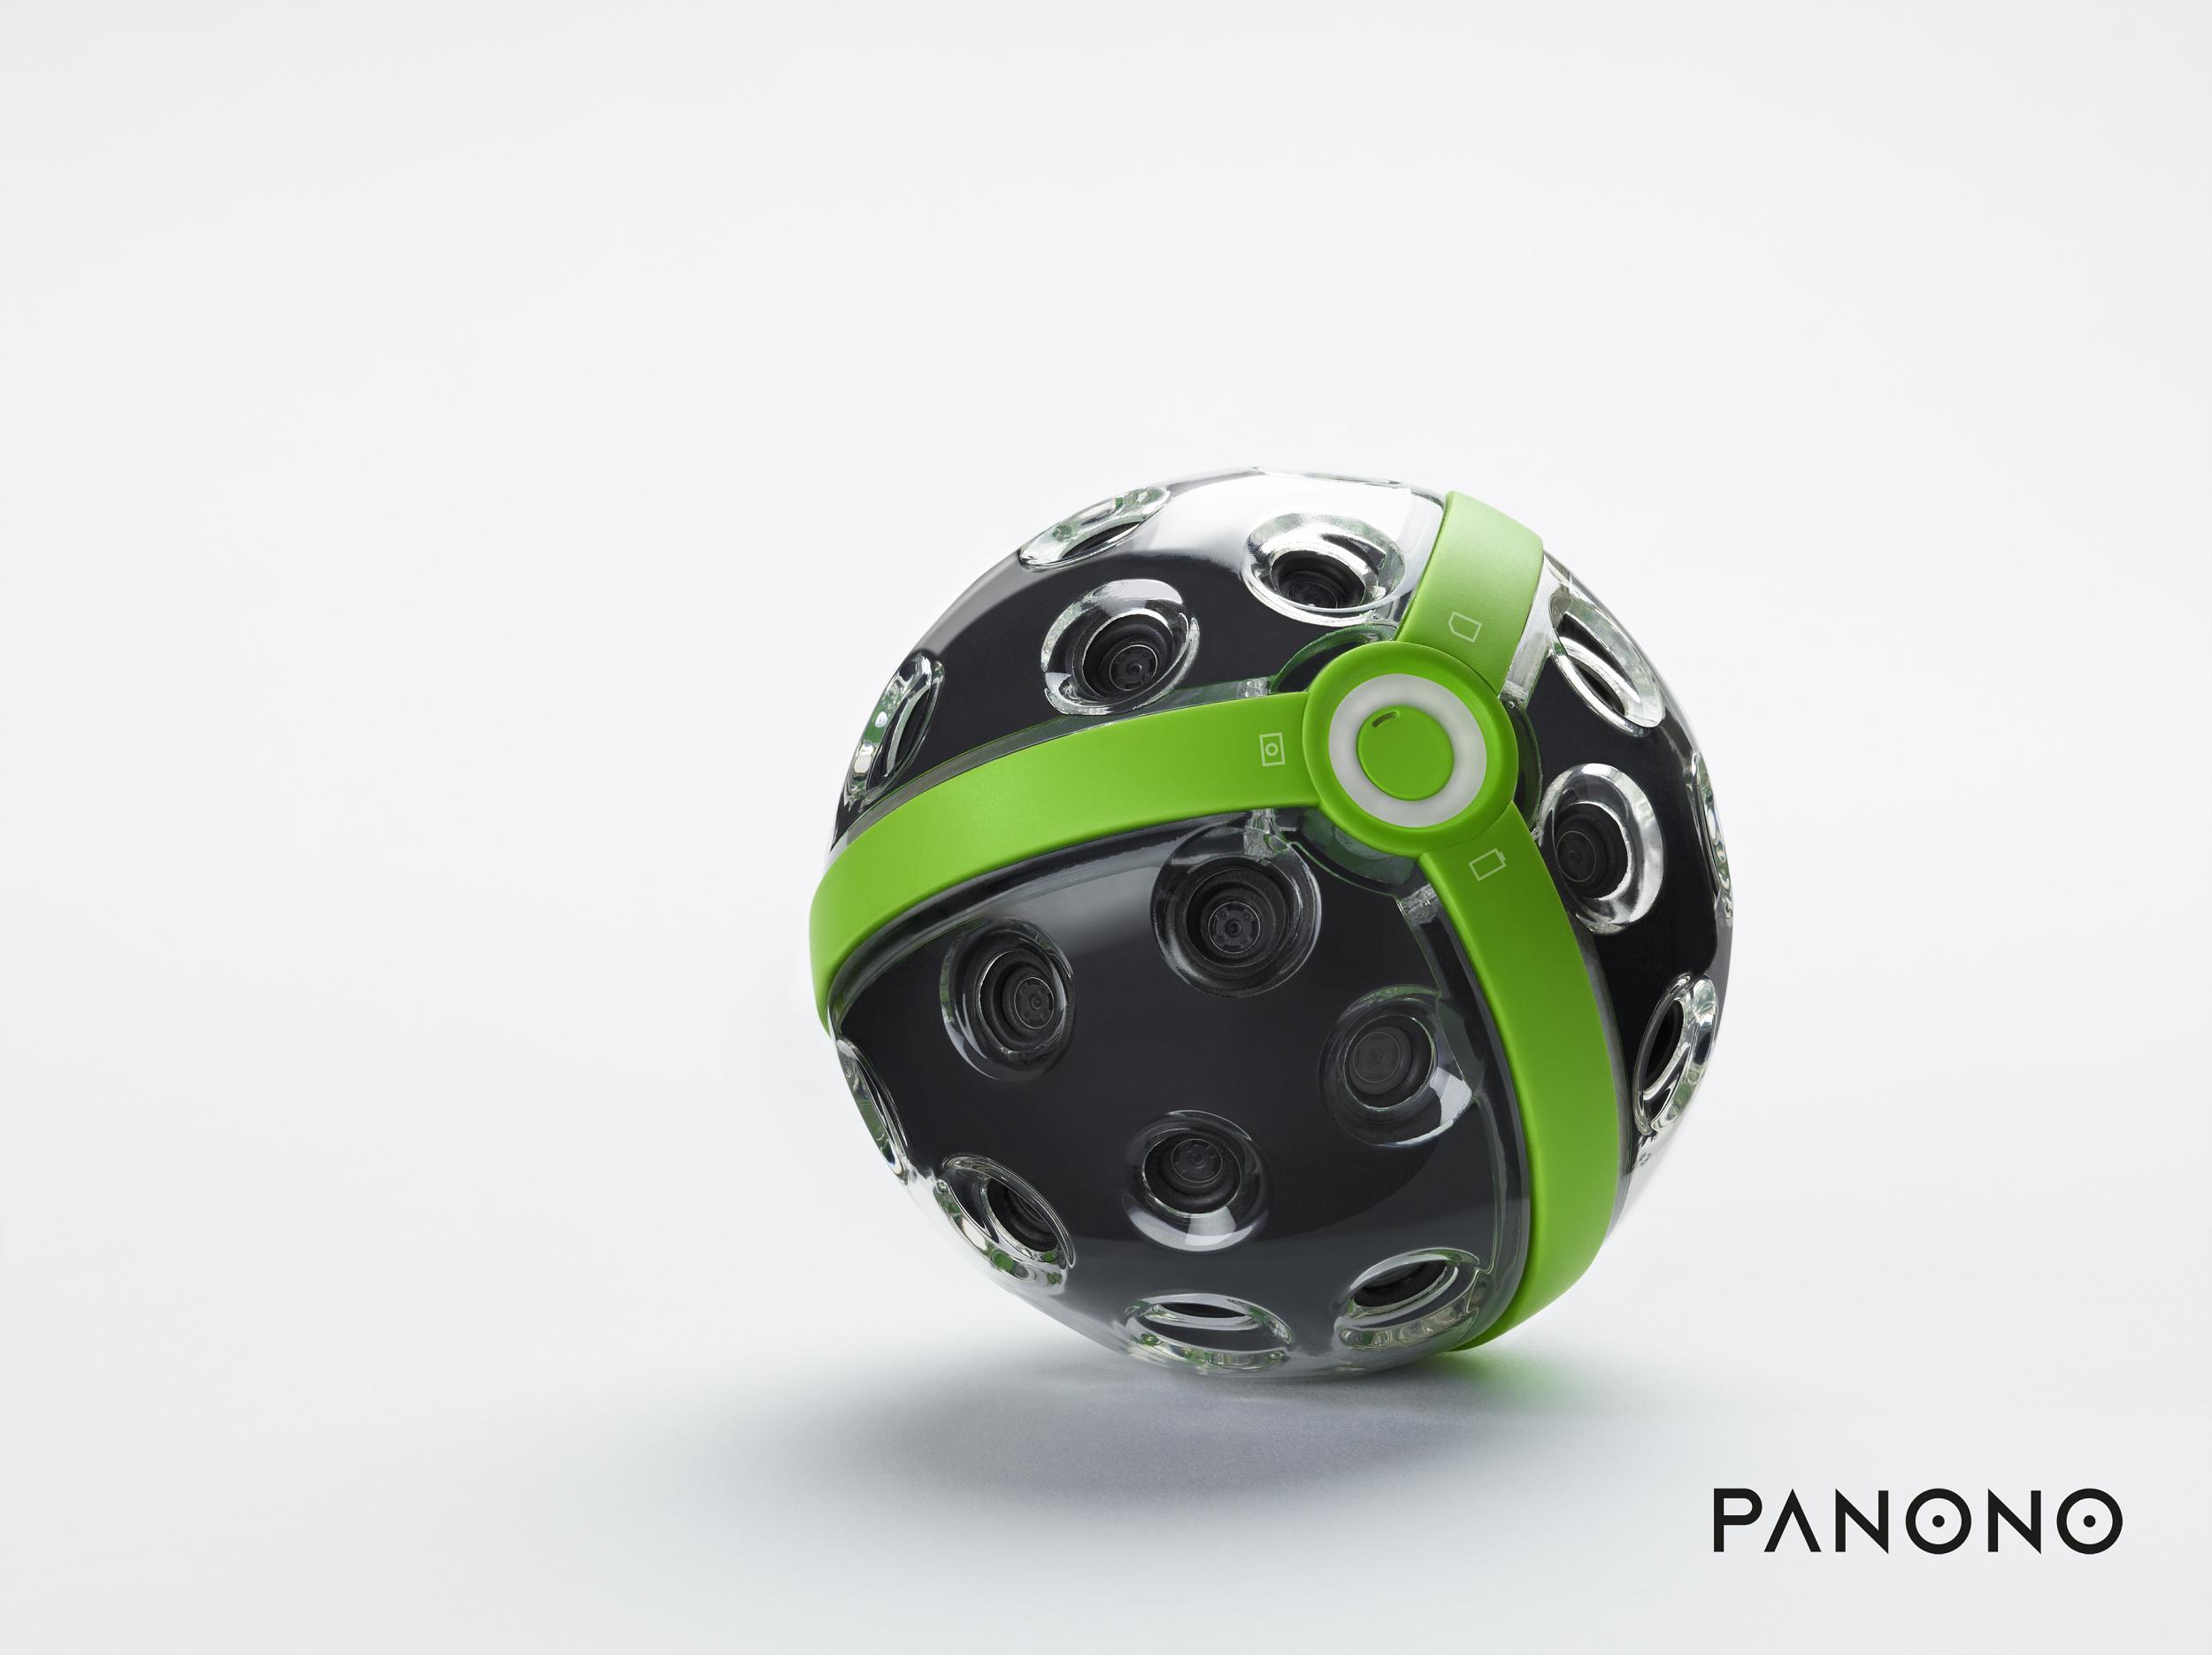 Die Panono-Kamera als Geschenk?